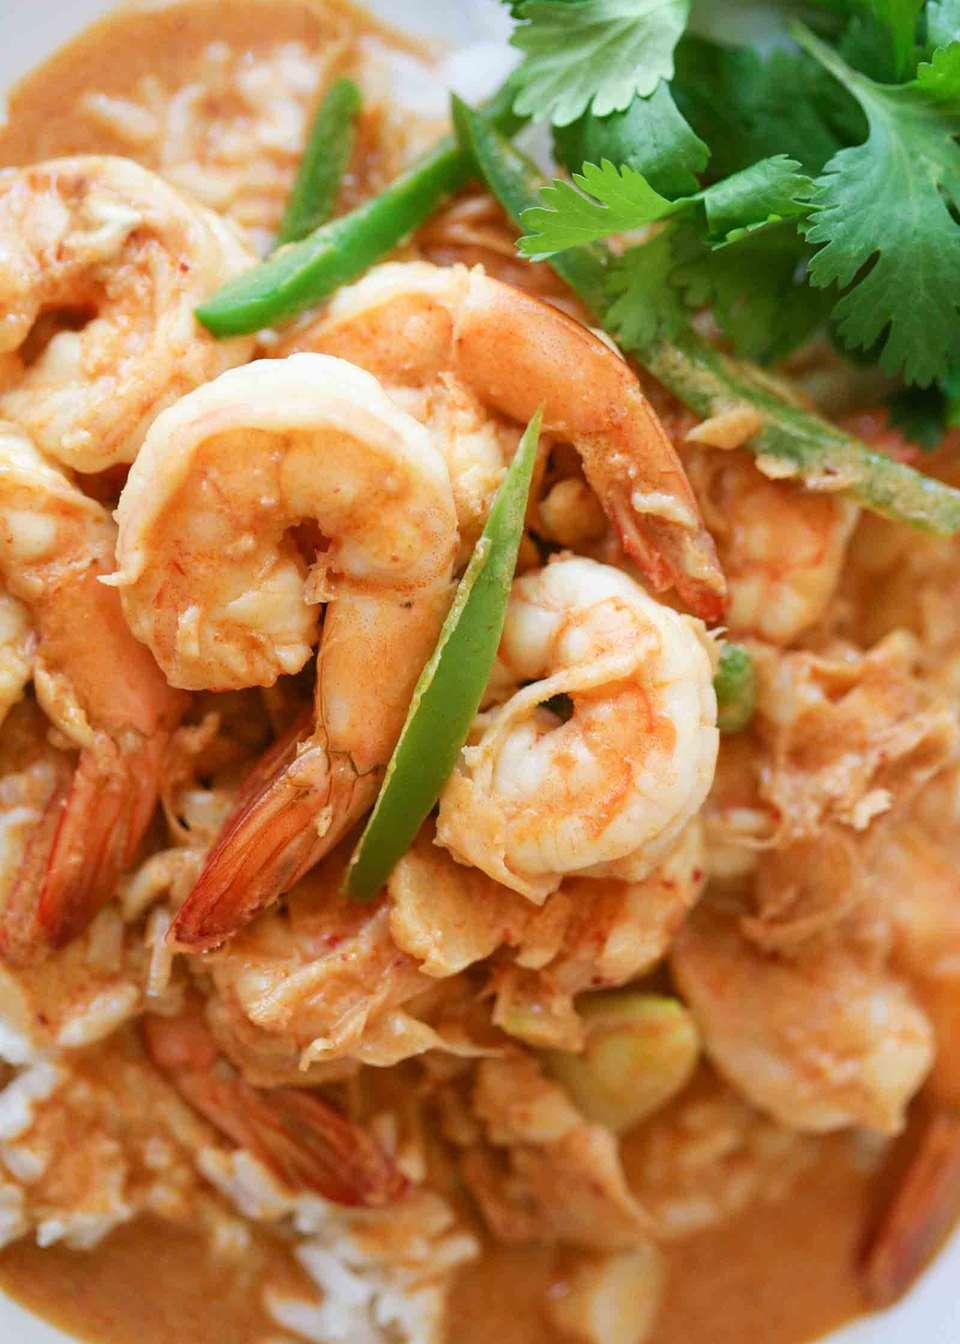 Spicy Garlic Shrimp with Coconut Milk